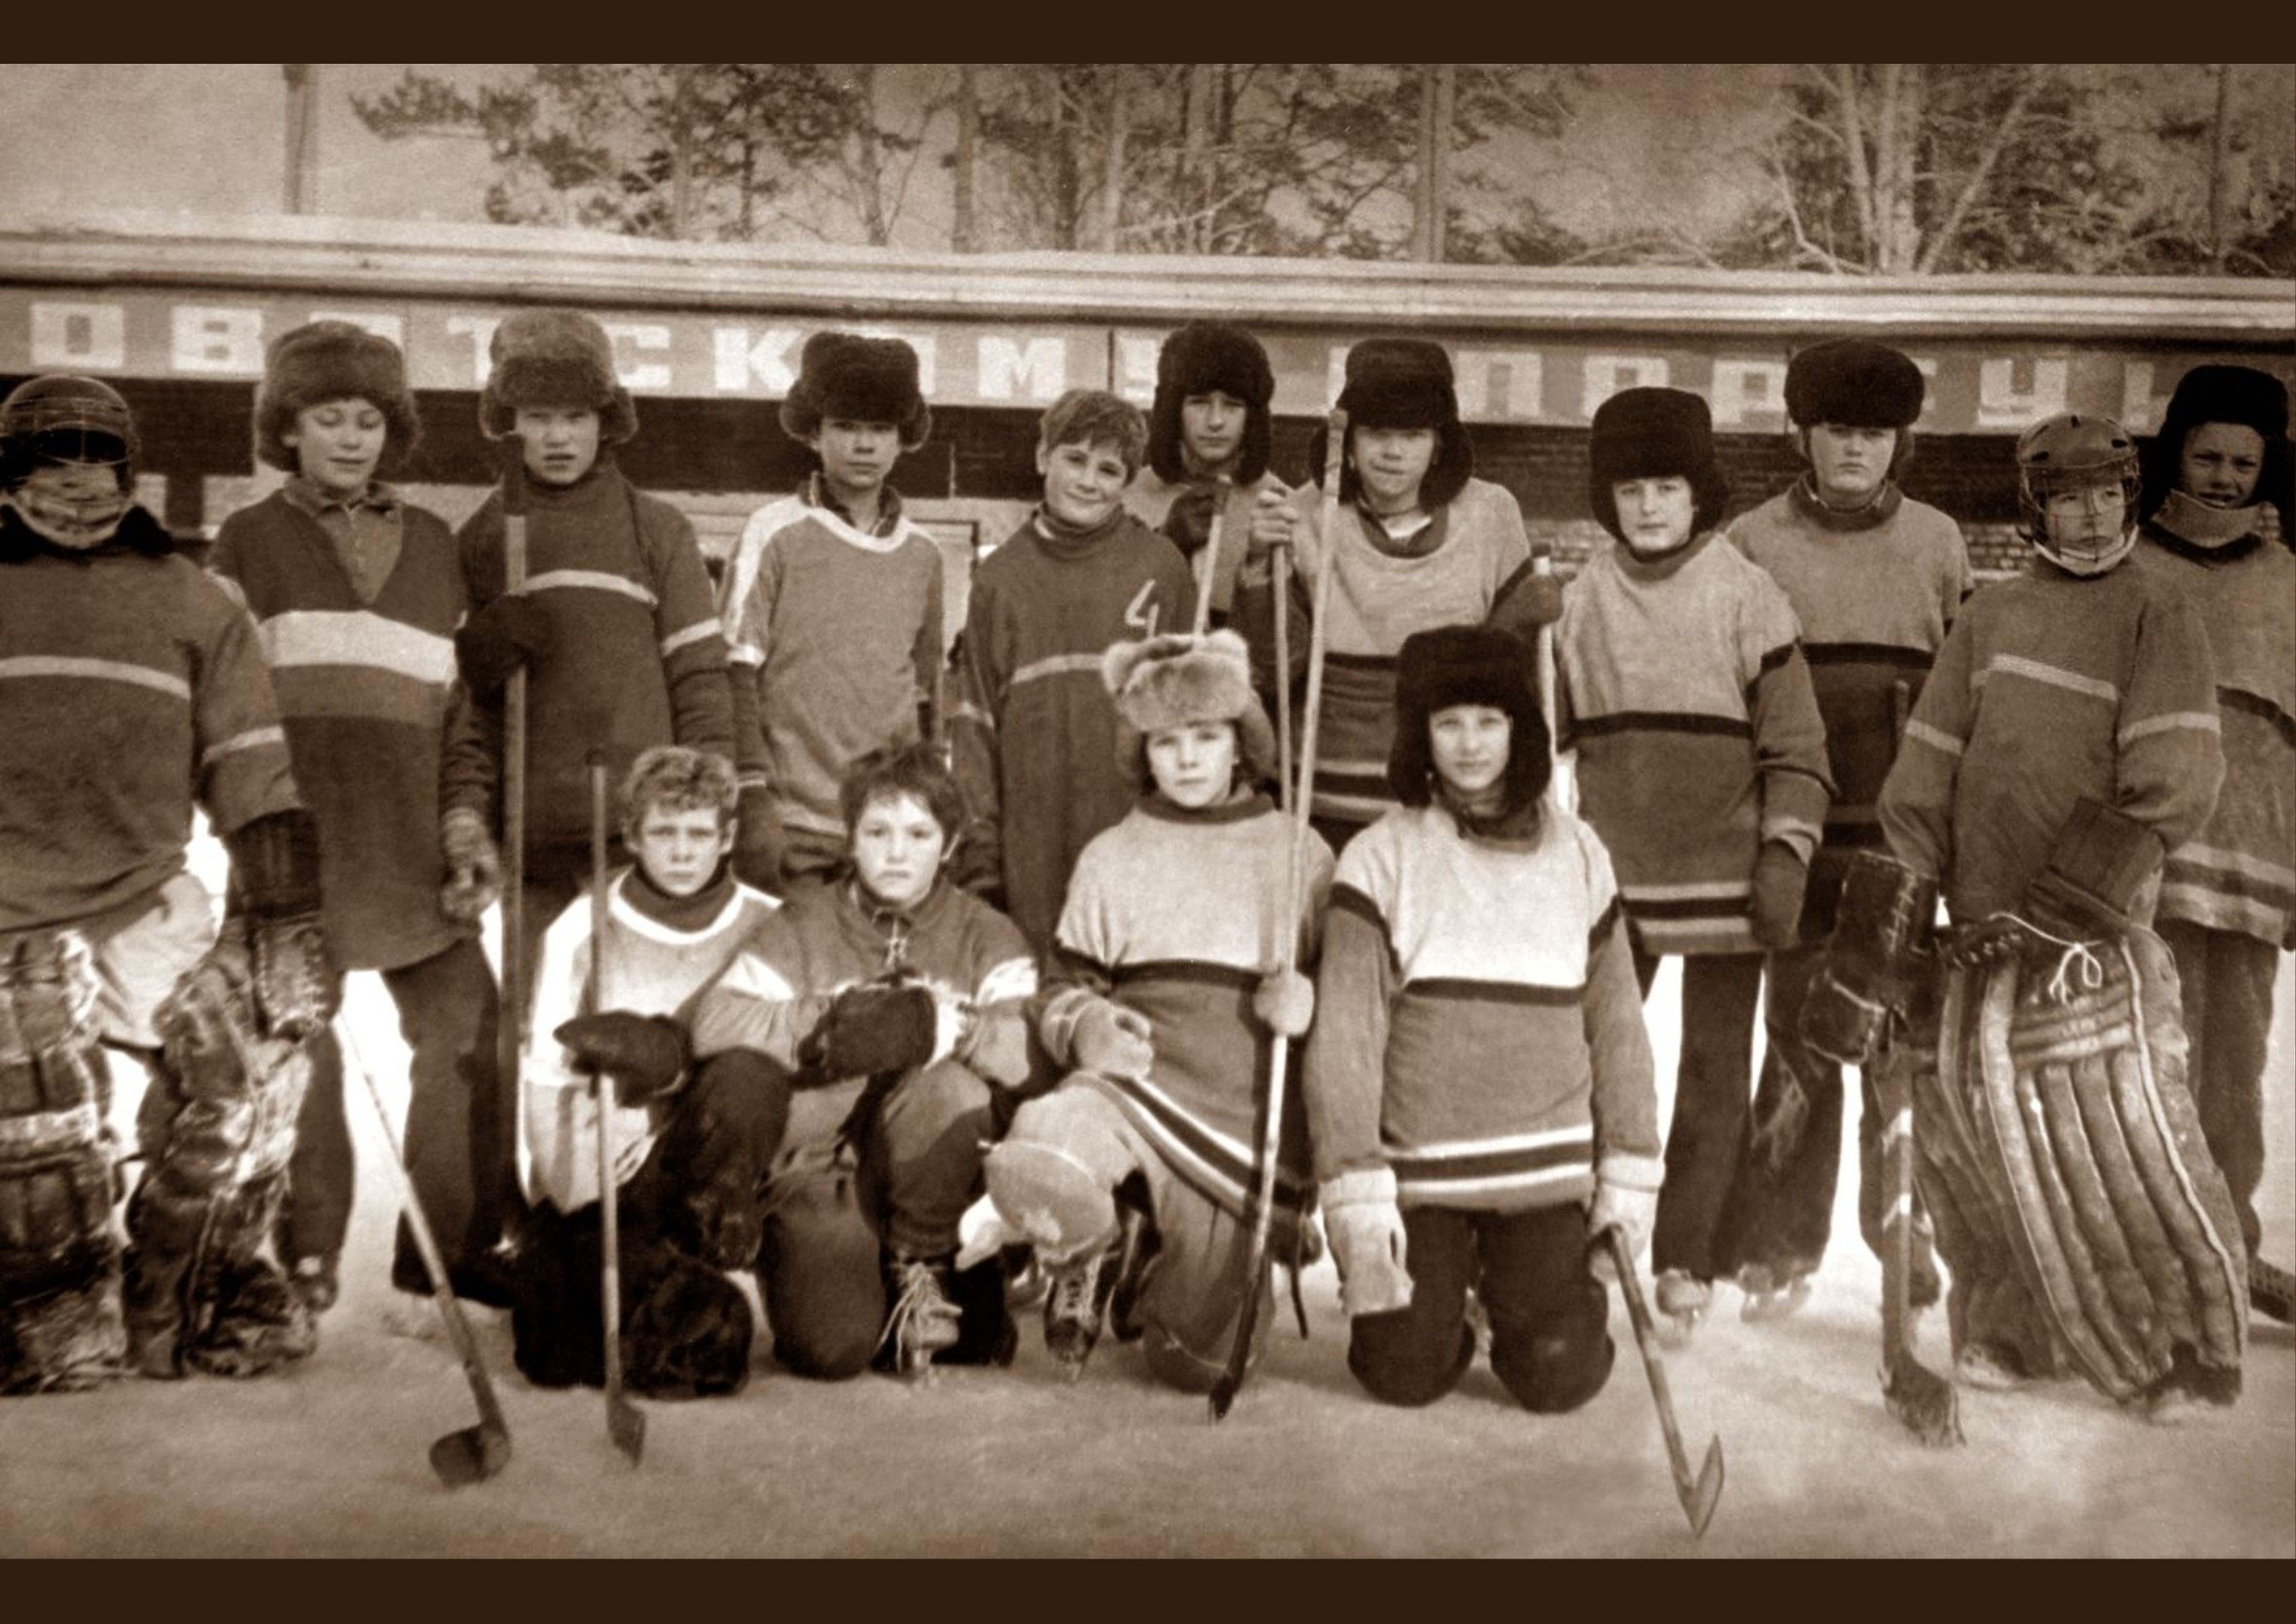 Хоккейный клуб Золотая шайба. 70-егг.